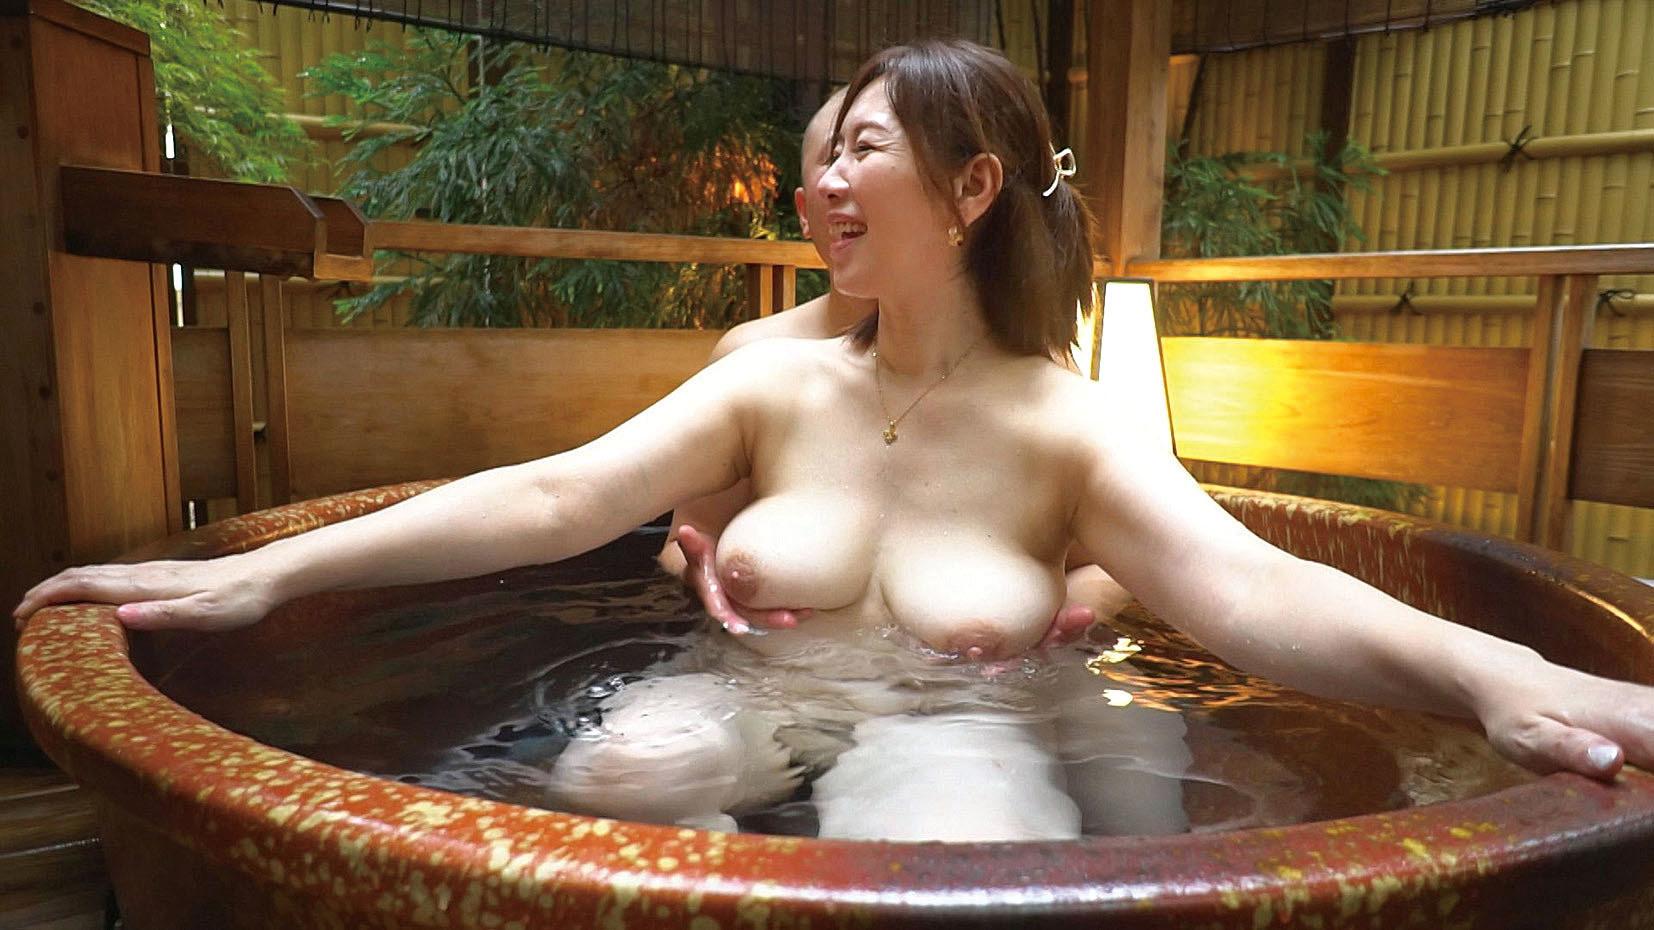 妻みぐい不倫旅行 ちさと(仮名) 52歳 画像6